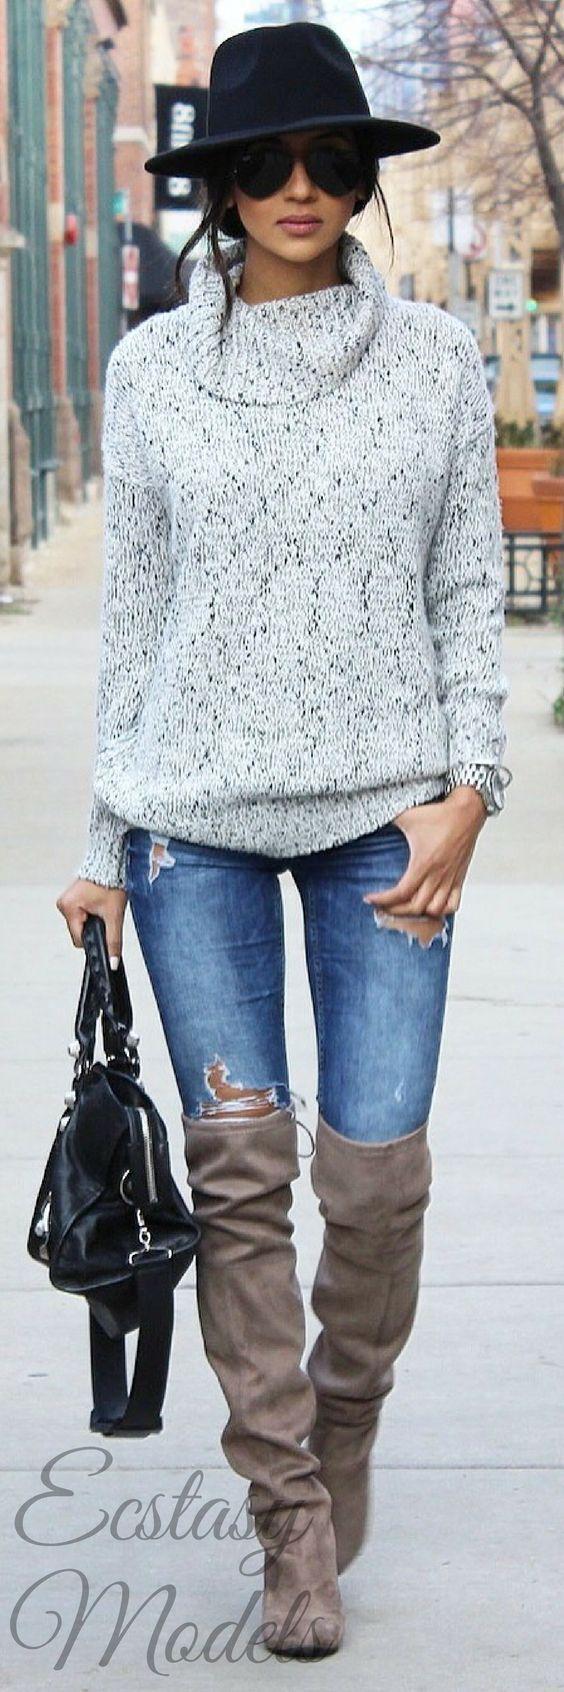 Moda joven Mujer Pantalones Vaqueros Botas